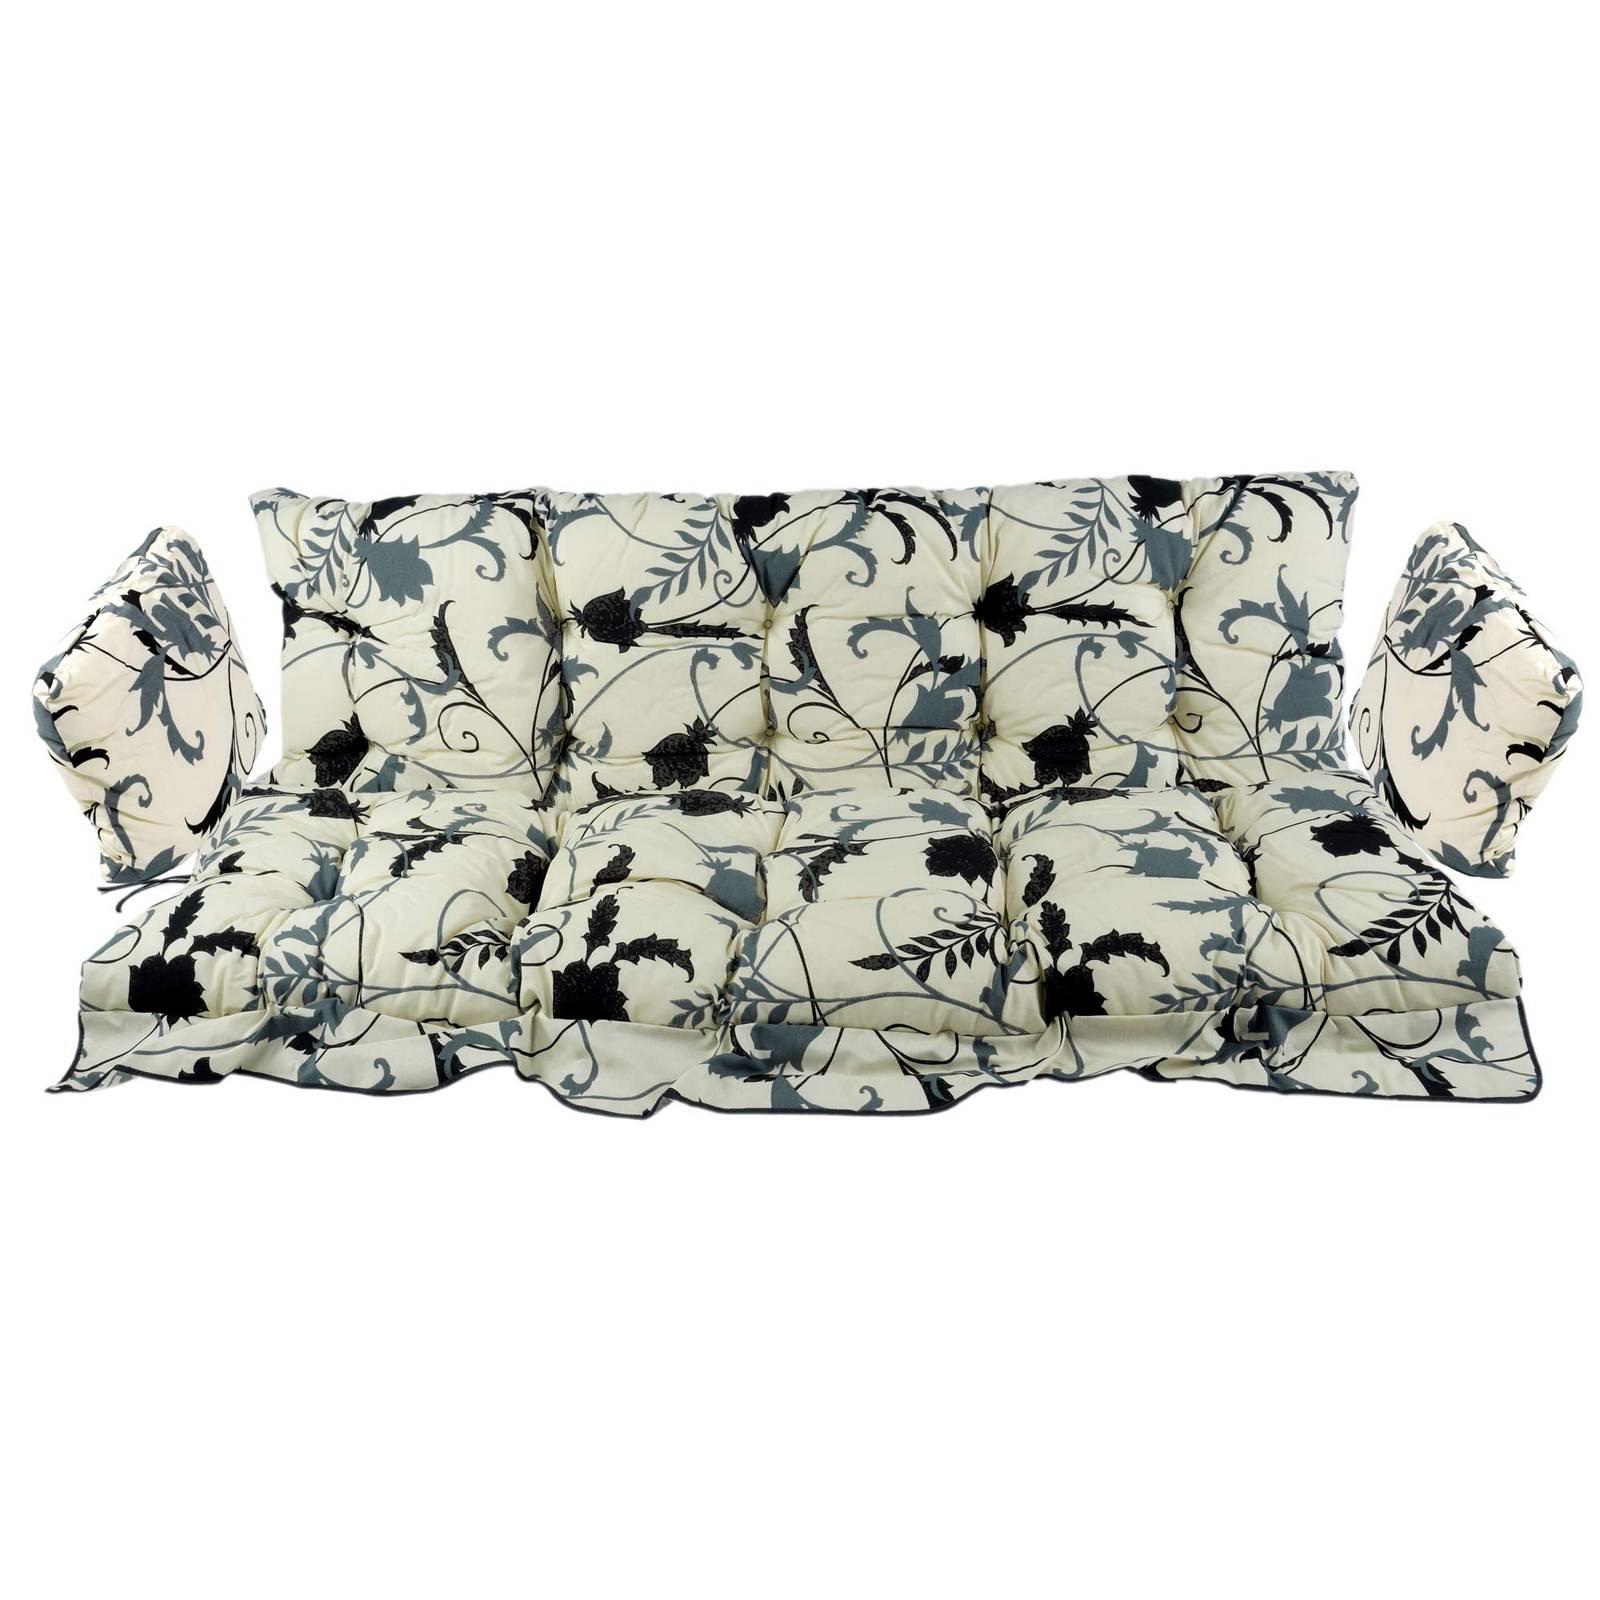 Cuscini e tettuccio per dondolo 170 cm Ravenna A044-06LB PATIO